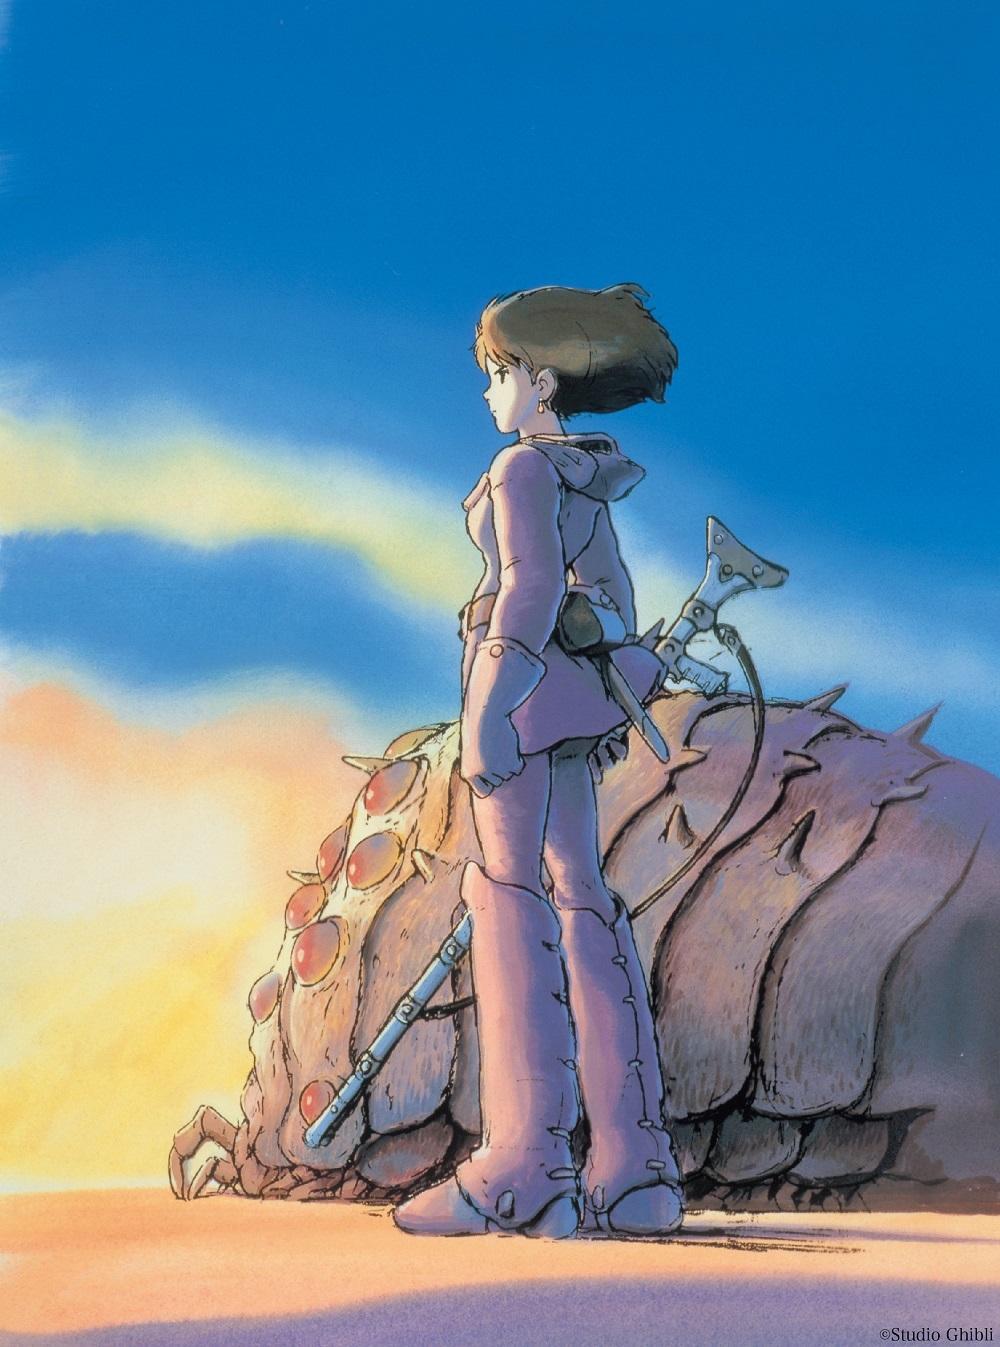 「風の谷のナウシカ」 (C)Studio Ghibli